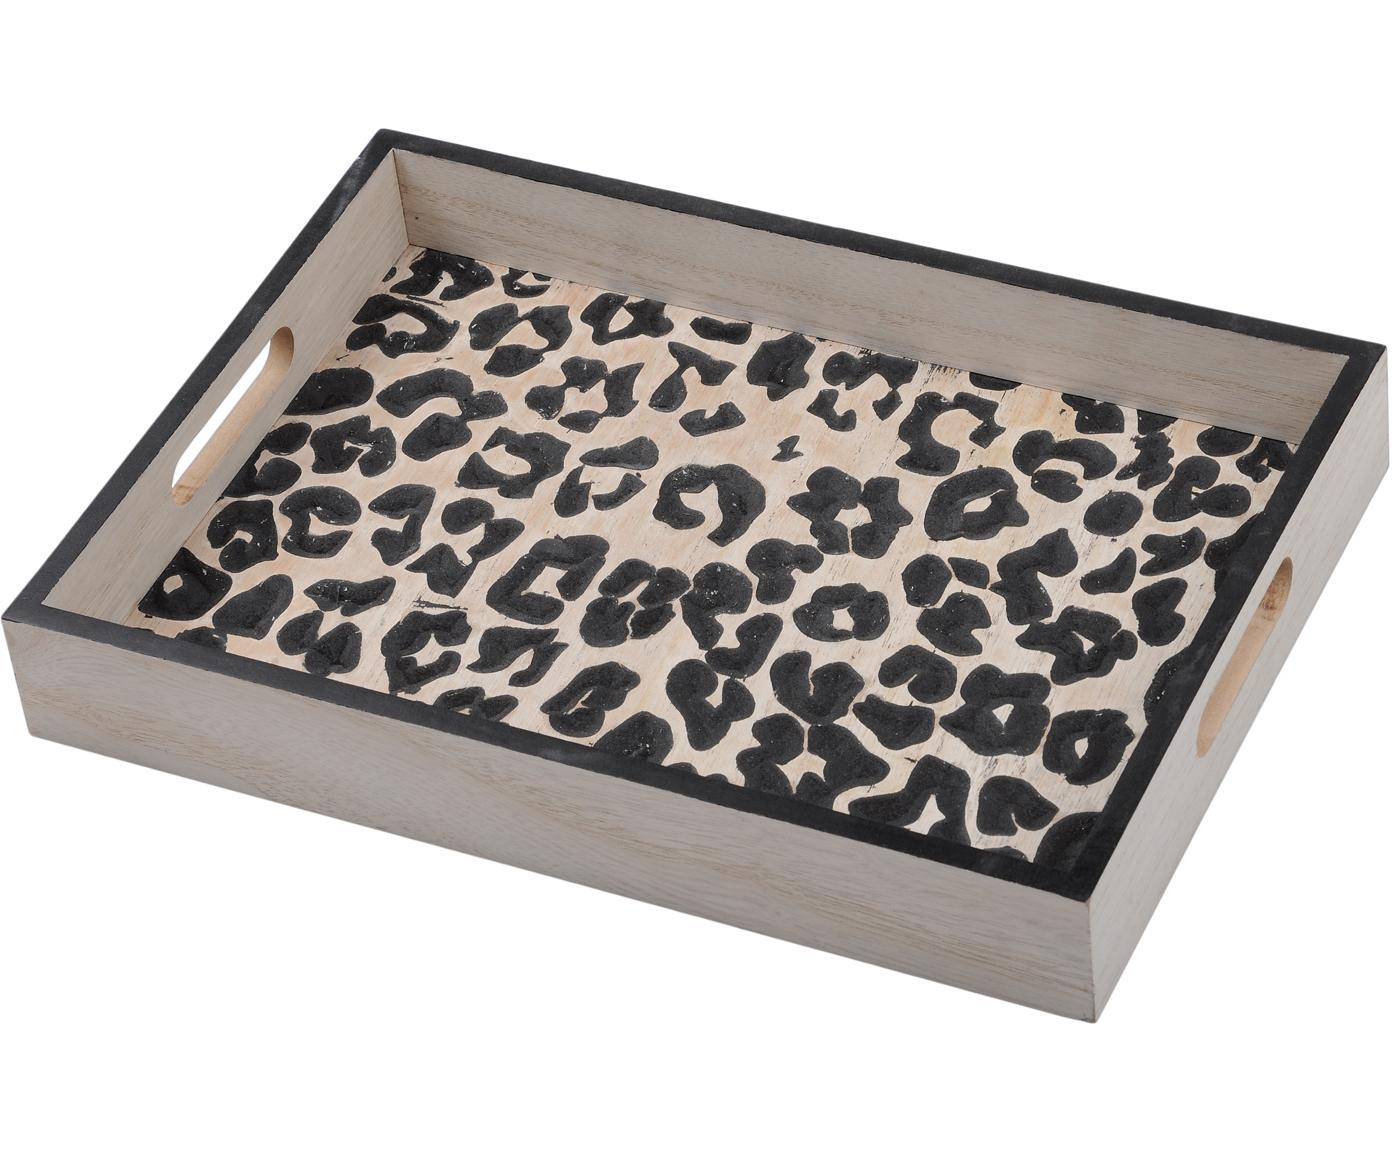 Vassoio in legno Leopard, Pannello di fibra a media densità (MDF), Beige, nero, Larg. 35 x Prof. 25 cm